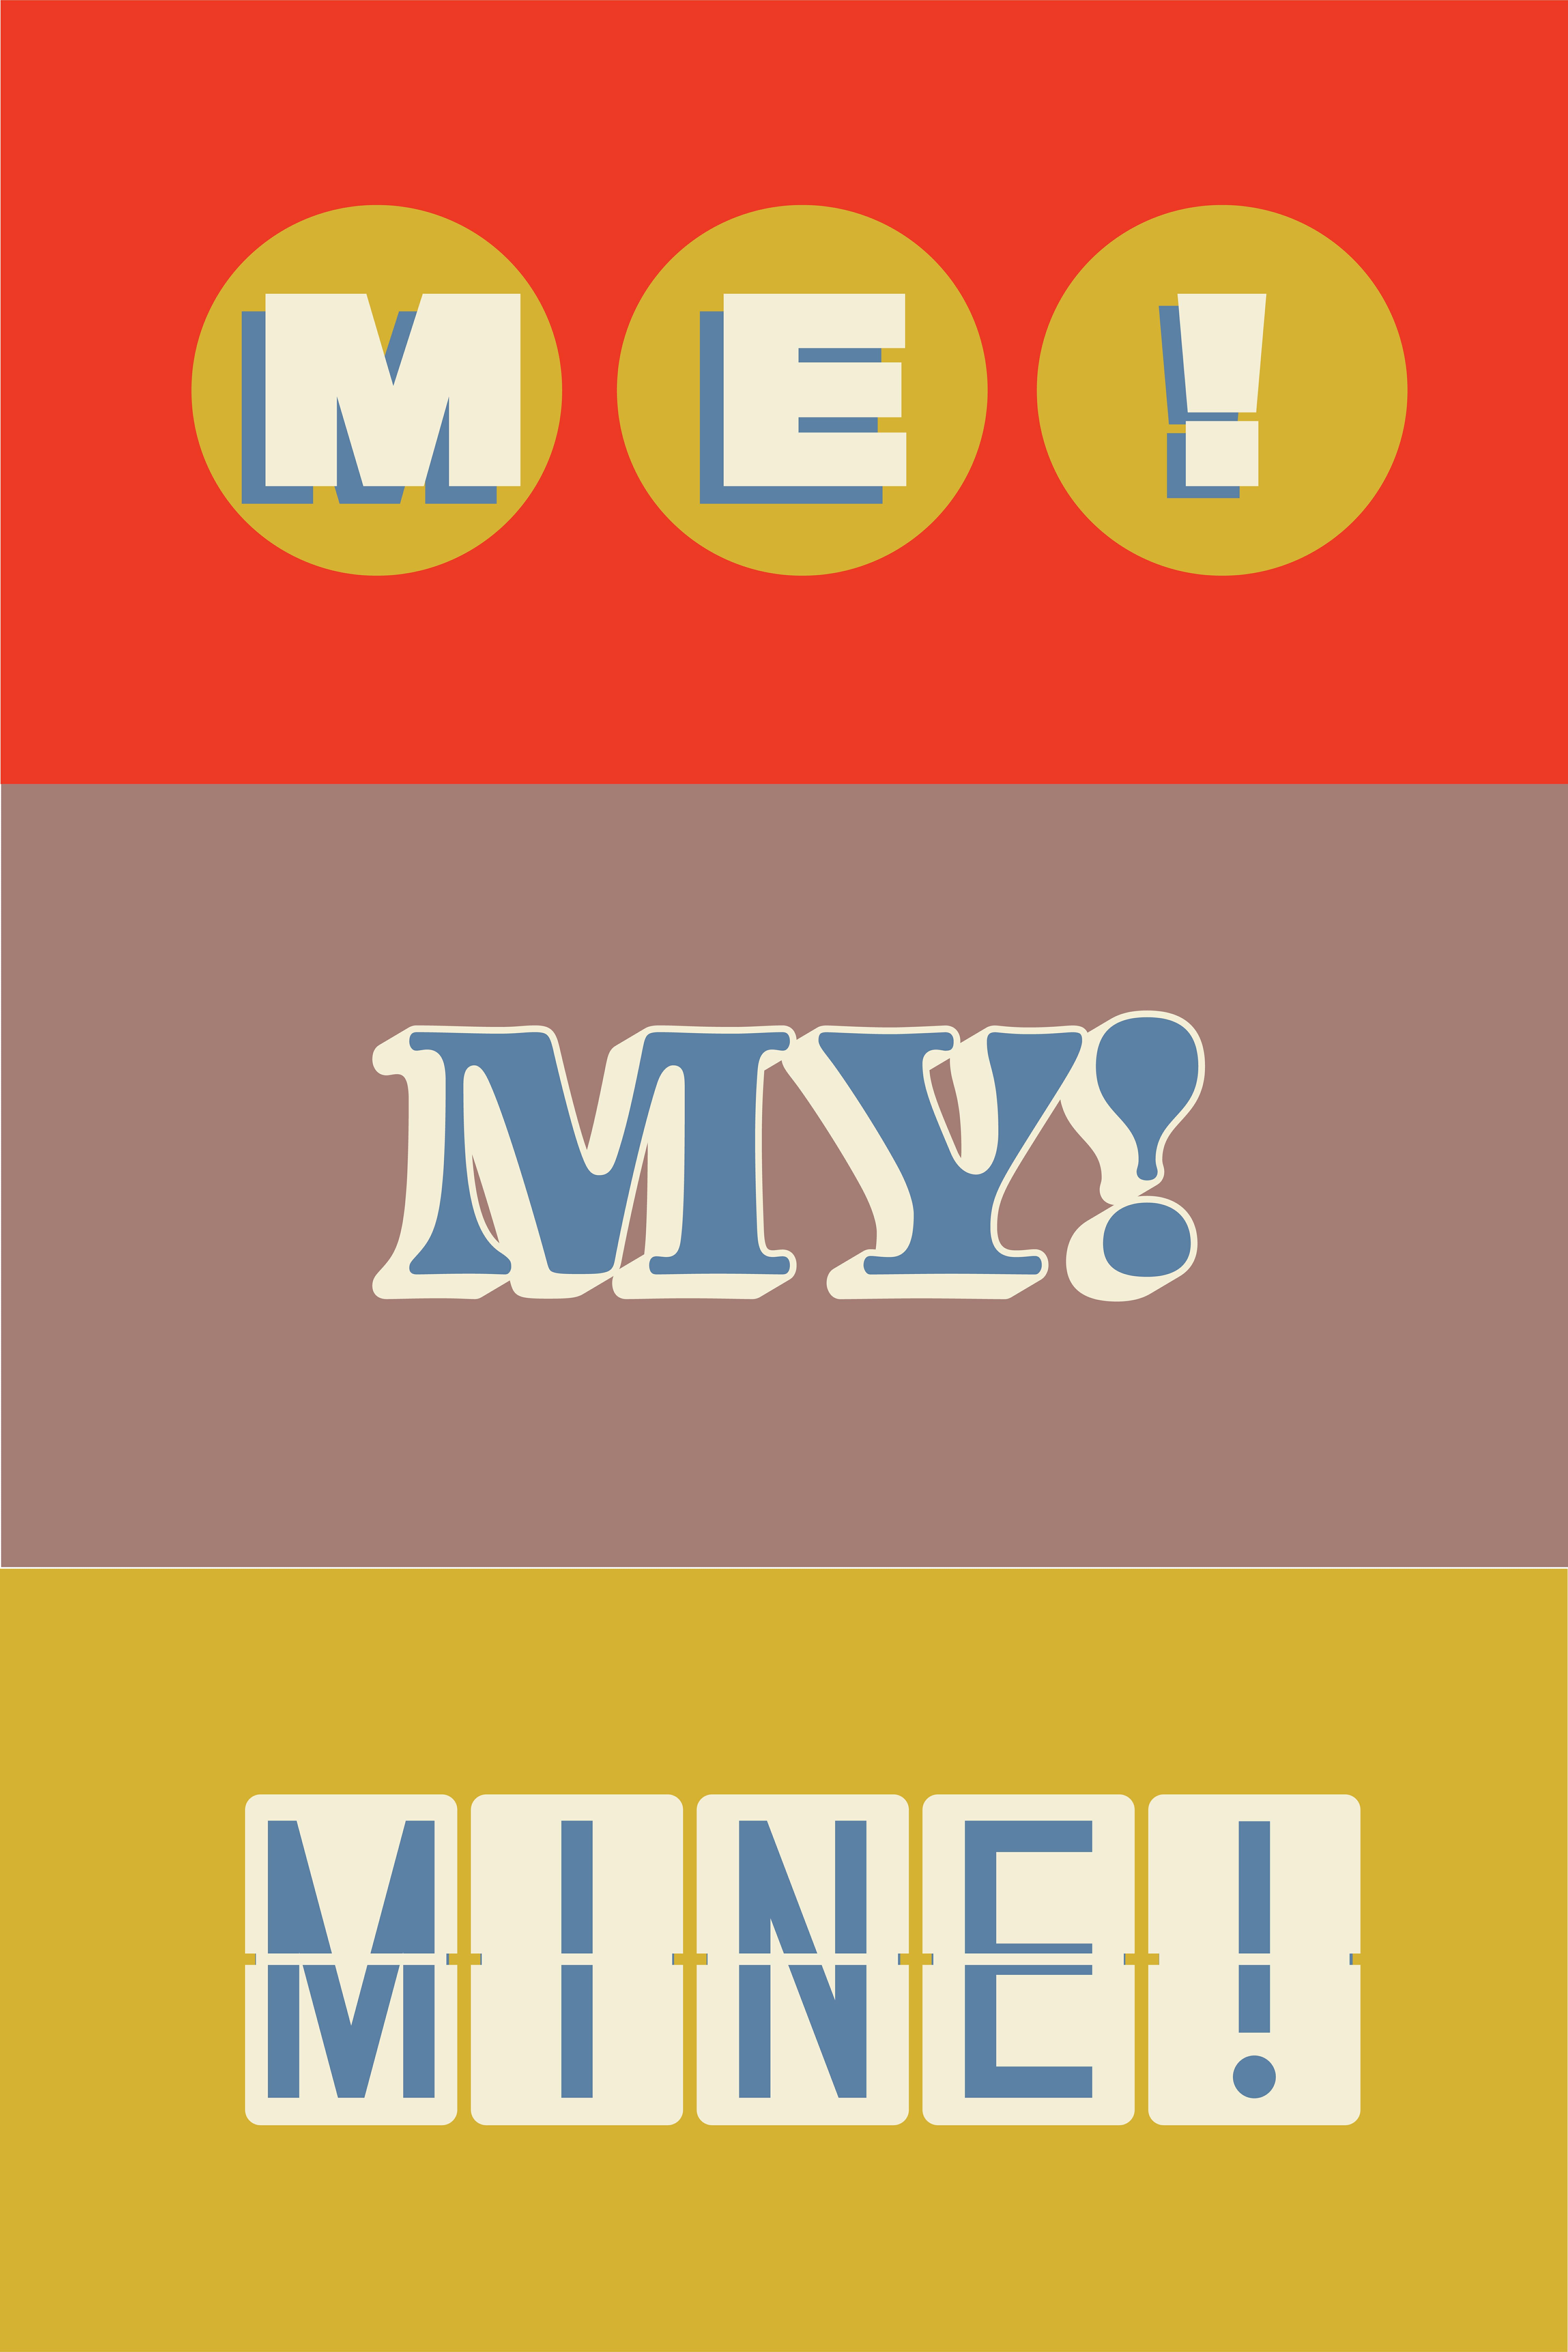 Me, My, Mine!